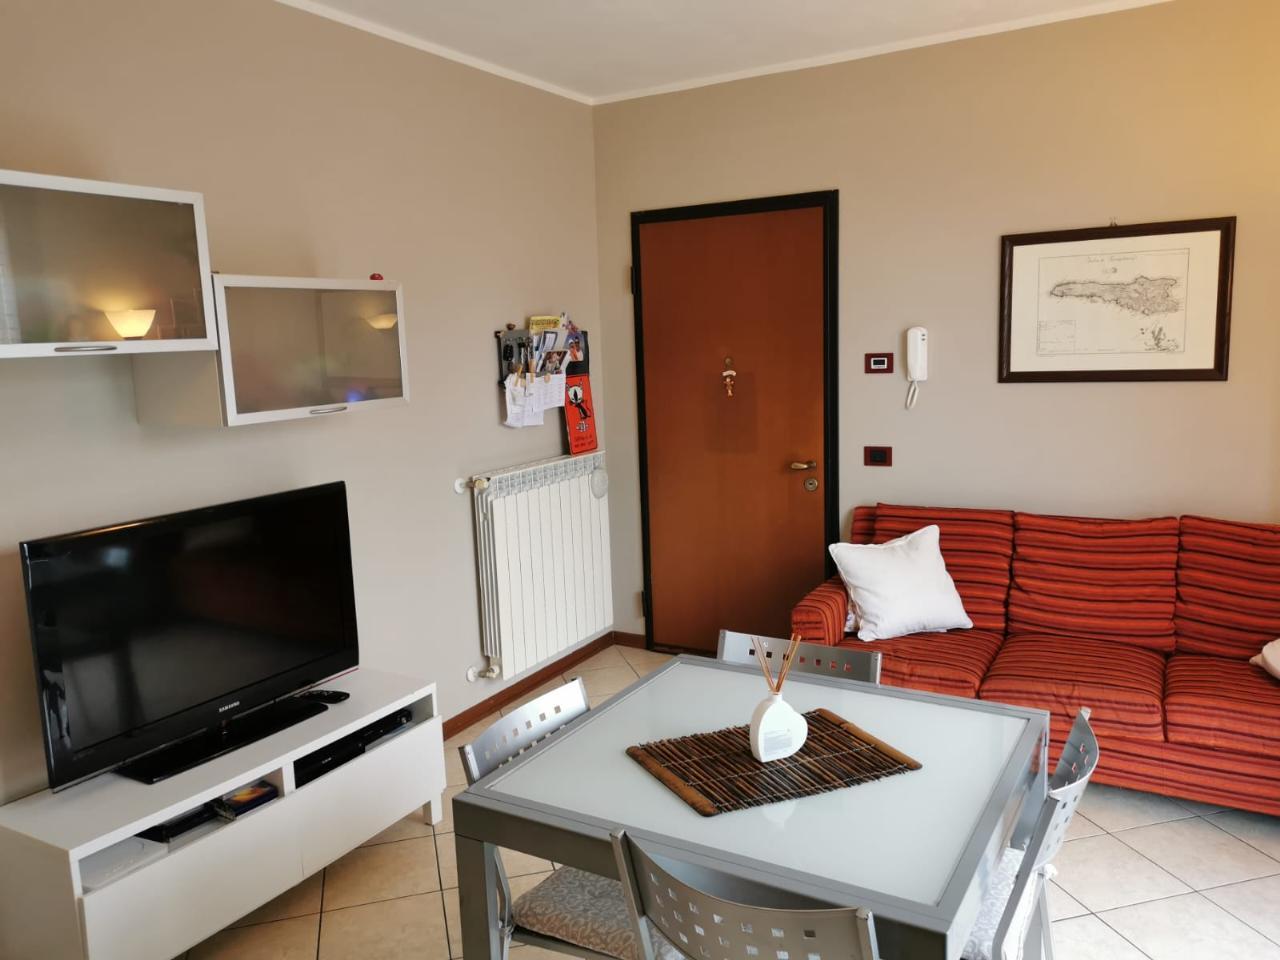 Appartamento PERSICO DOSIMO €70.000,00